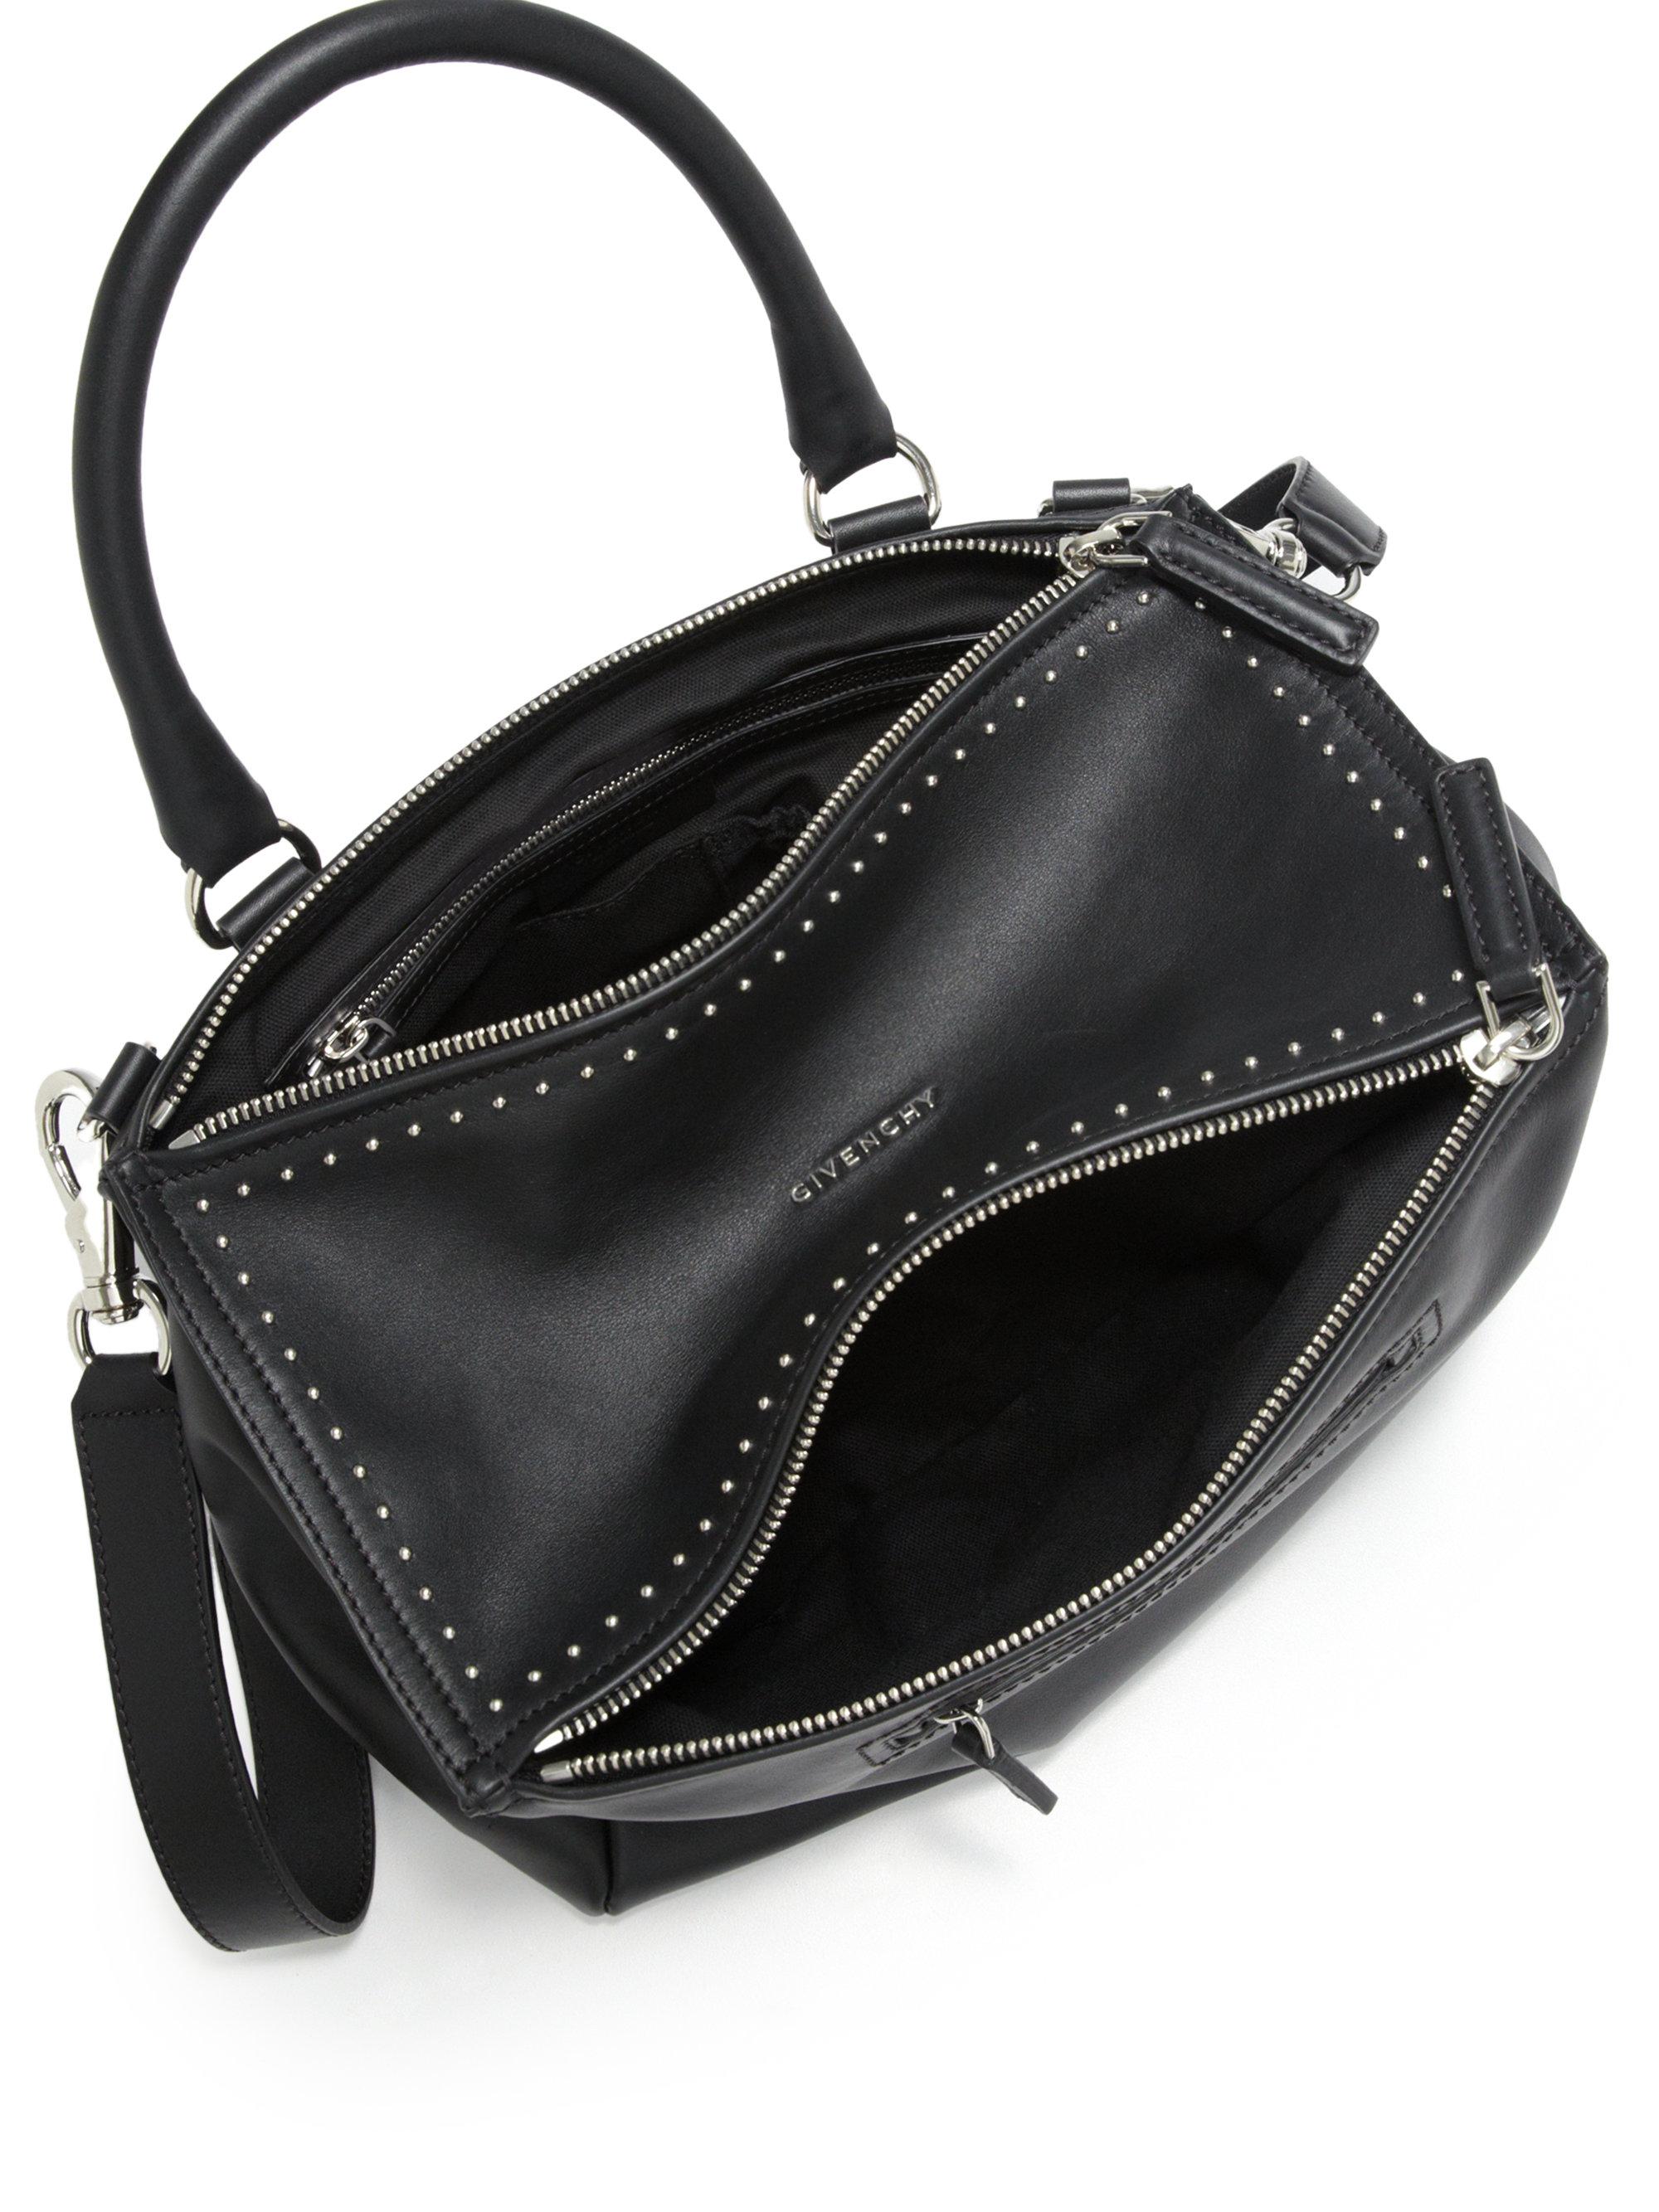 3d318a15ea34 Lyst - Givenchy Pandora Medium Studded Leather Shoulder Bag in Black